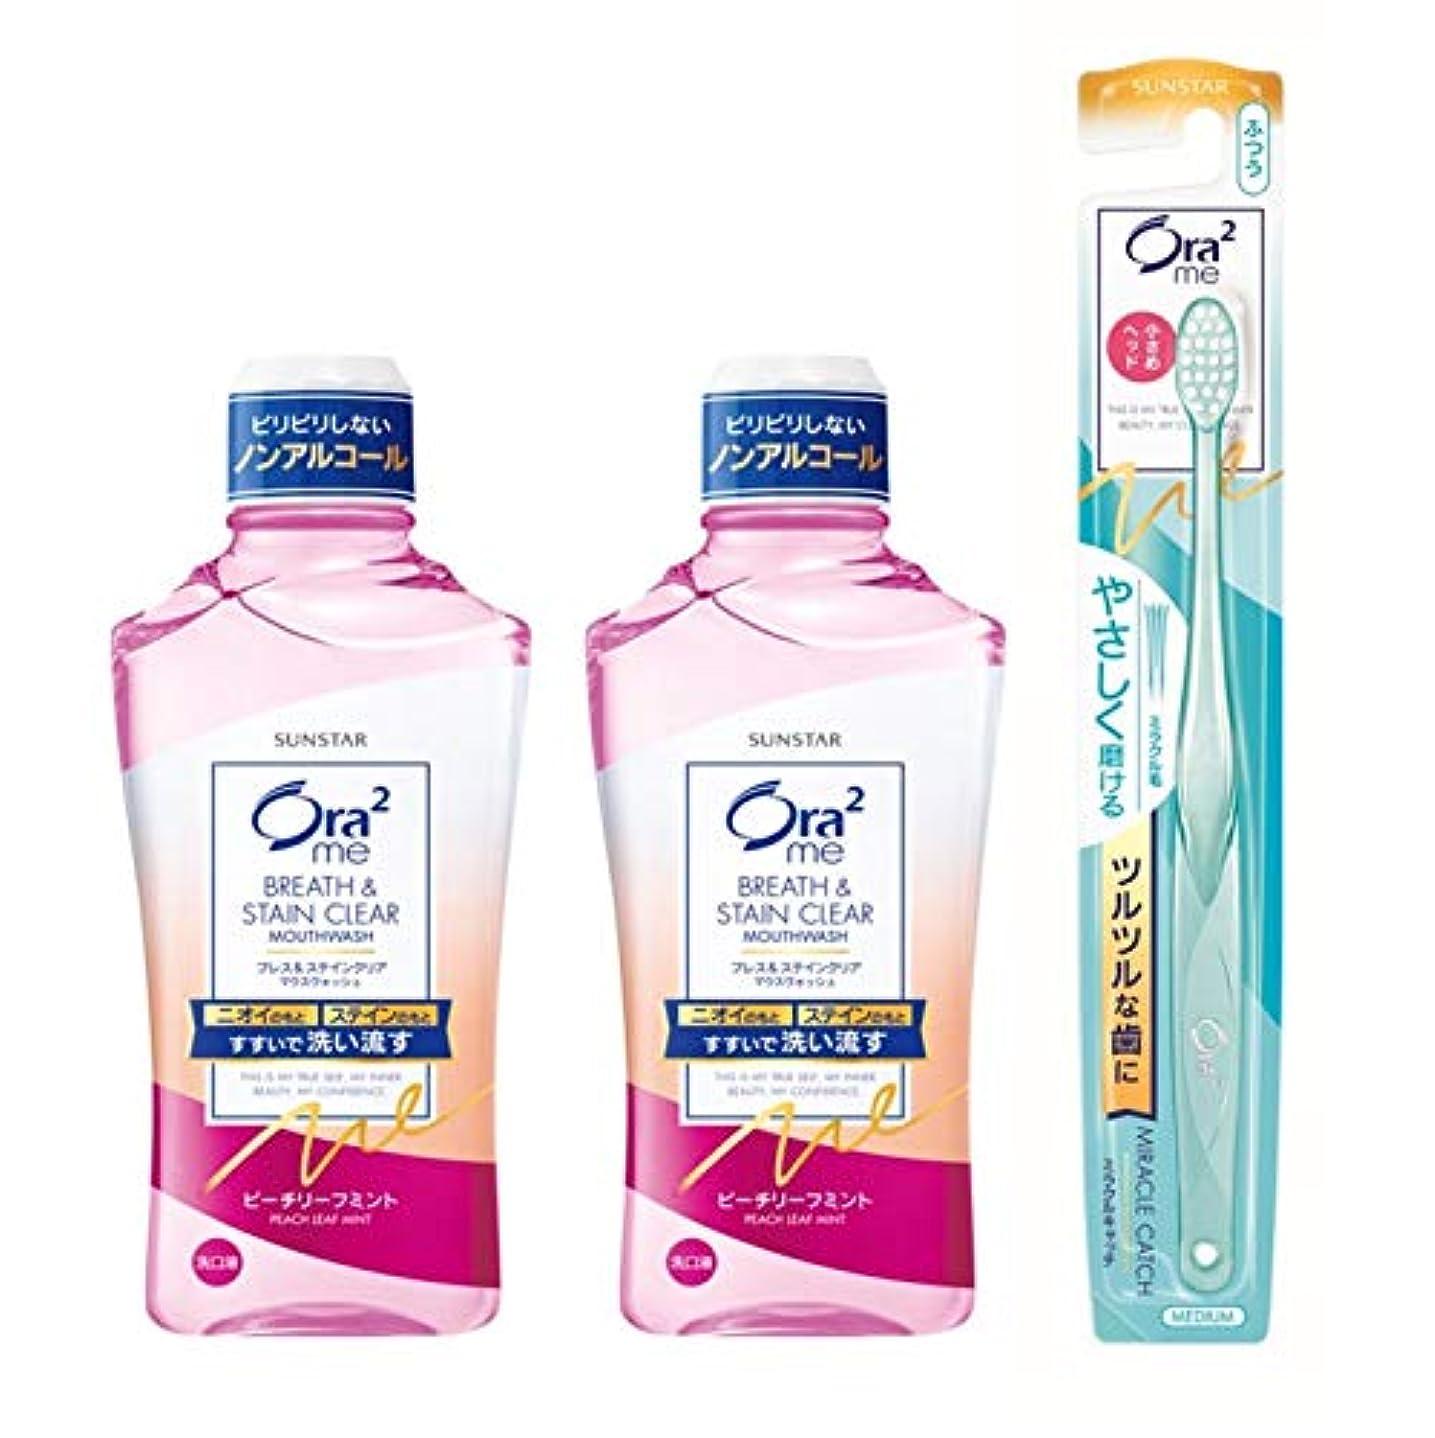 Ora2(オーラツー) ミーマウスウォッシュ ステインクリア 洗口液[ピーチリーフミント]×2個+ハブラシ付き